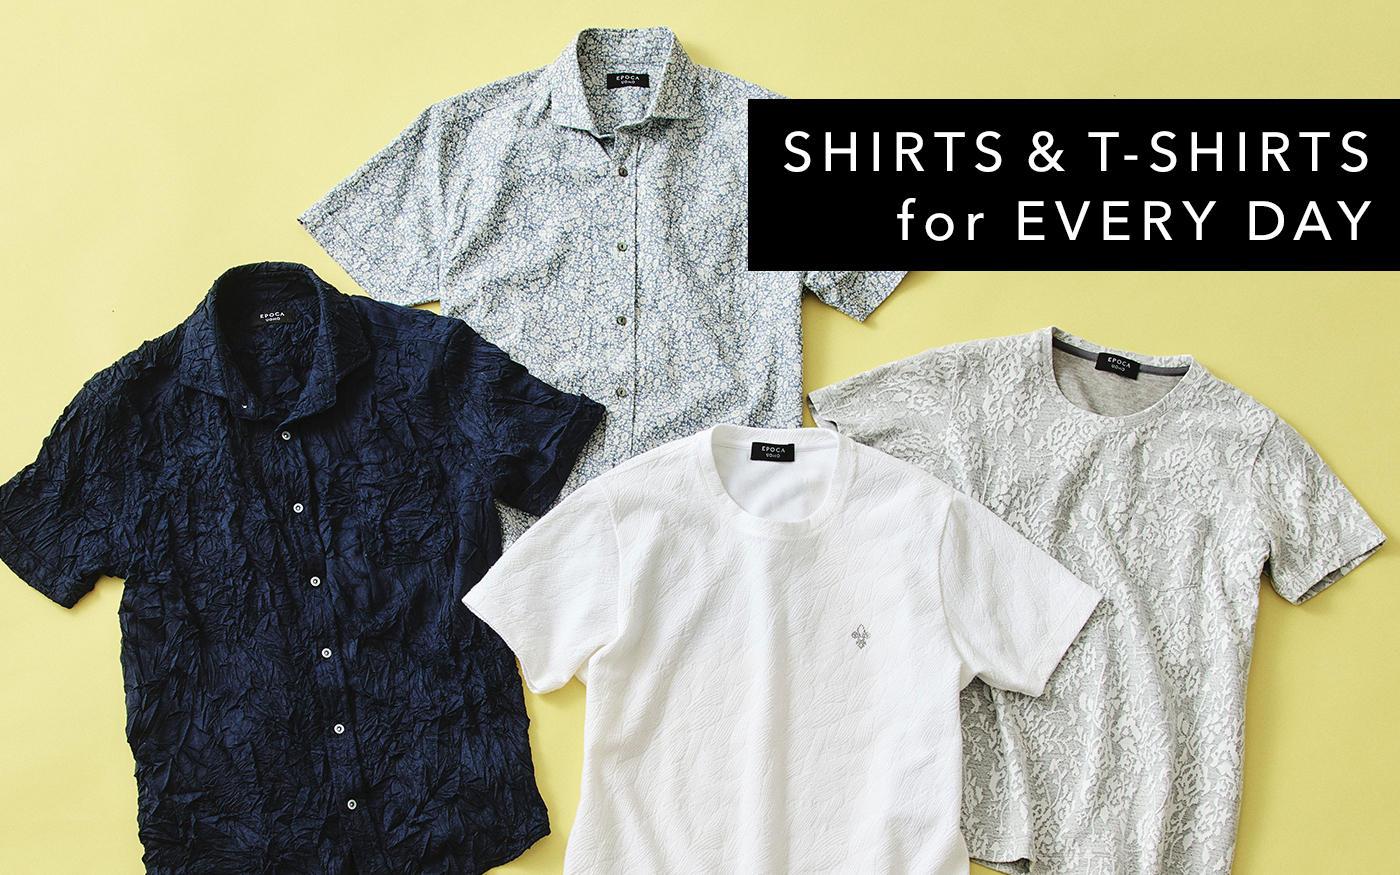 この夏はシャツ派? それともTシャツ派?